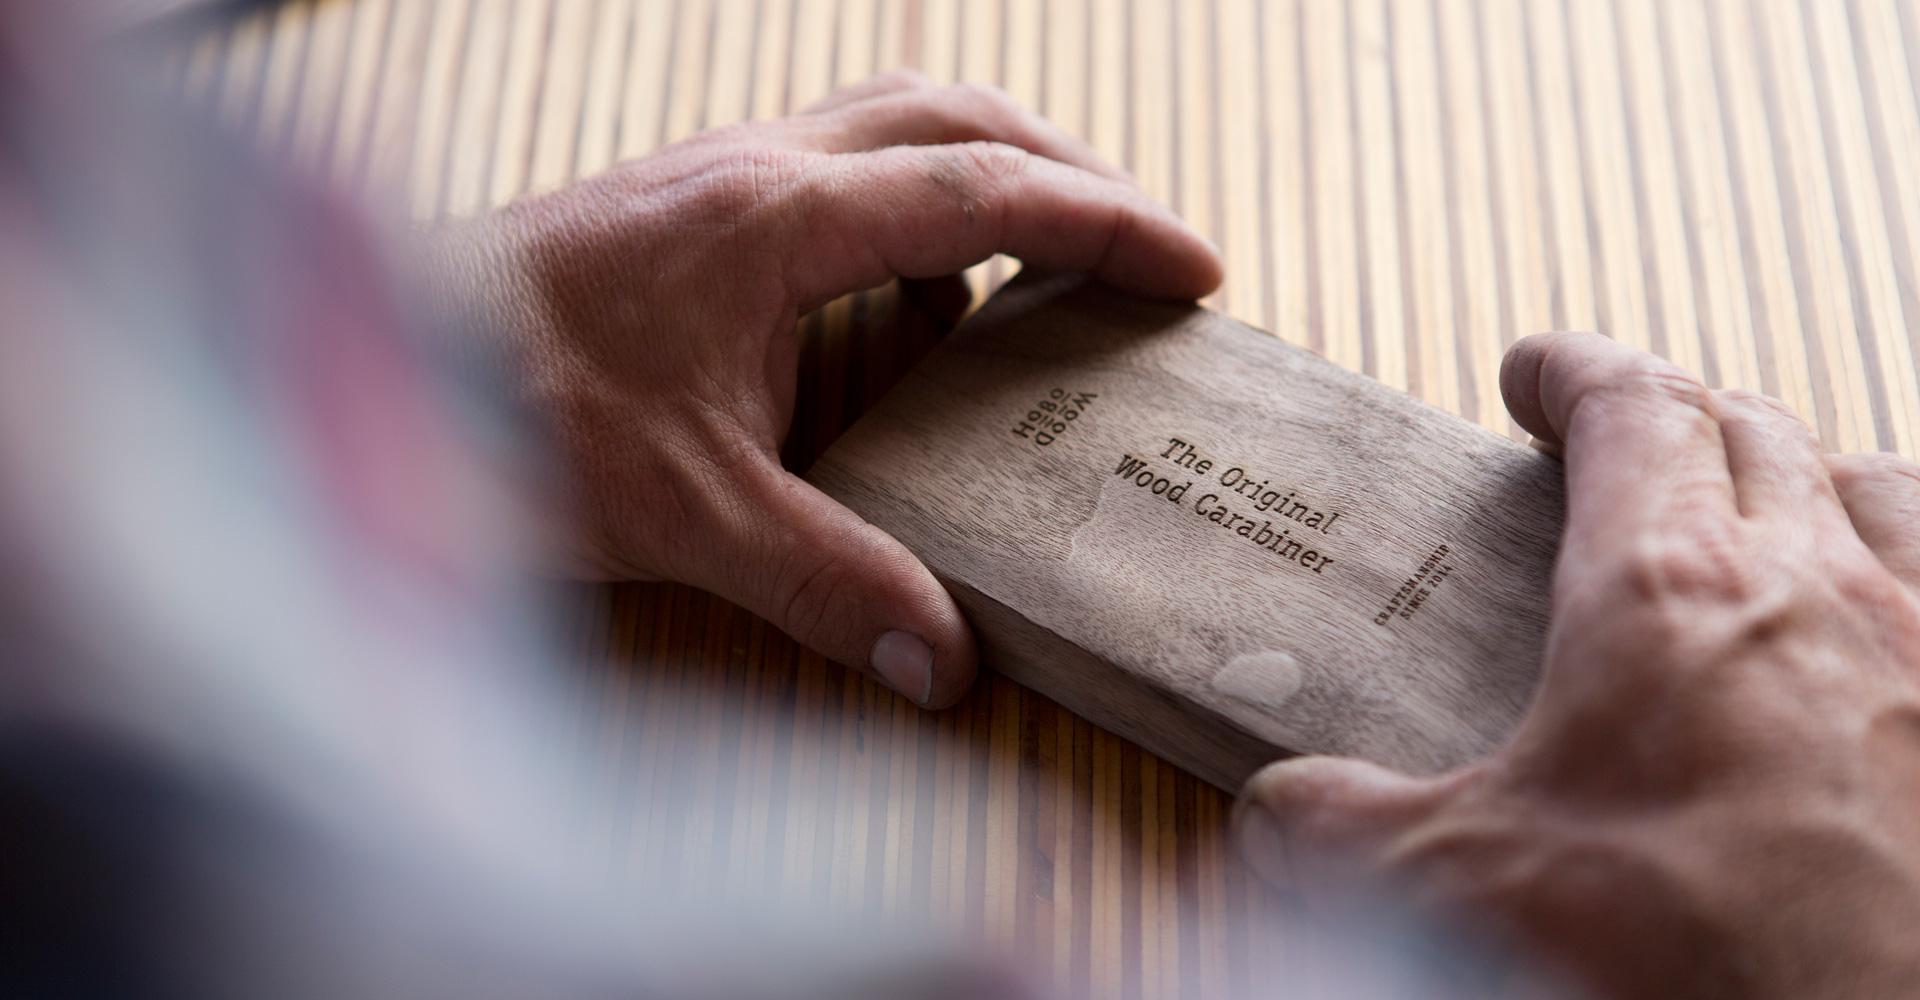 Original Wood Carabiner - Hobowood